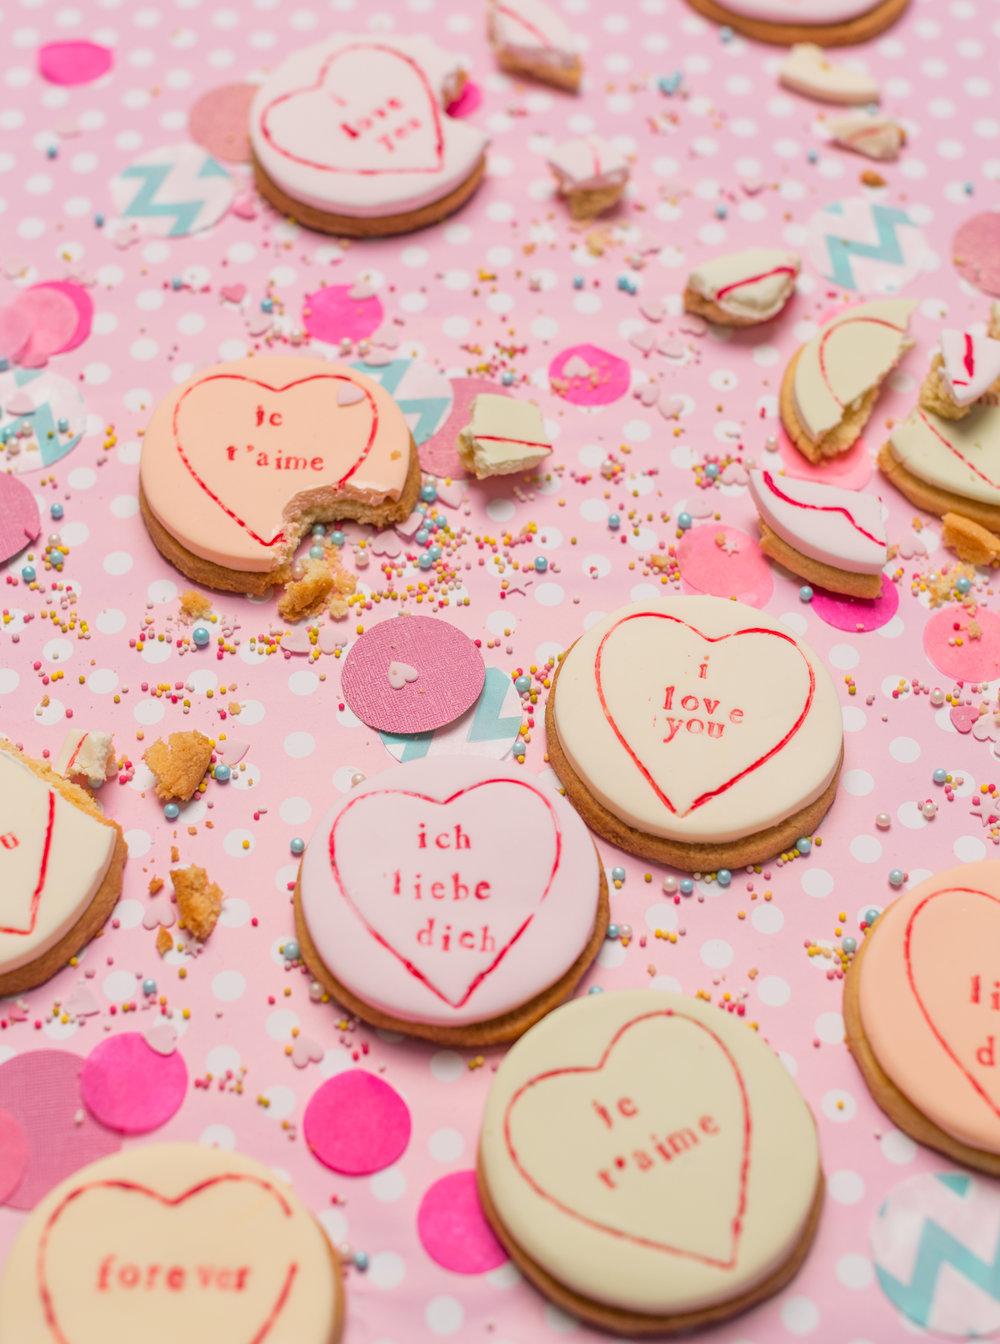 NPP_PC_LOVEHEARTS_0008.jpg